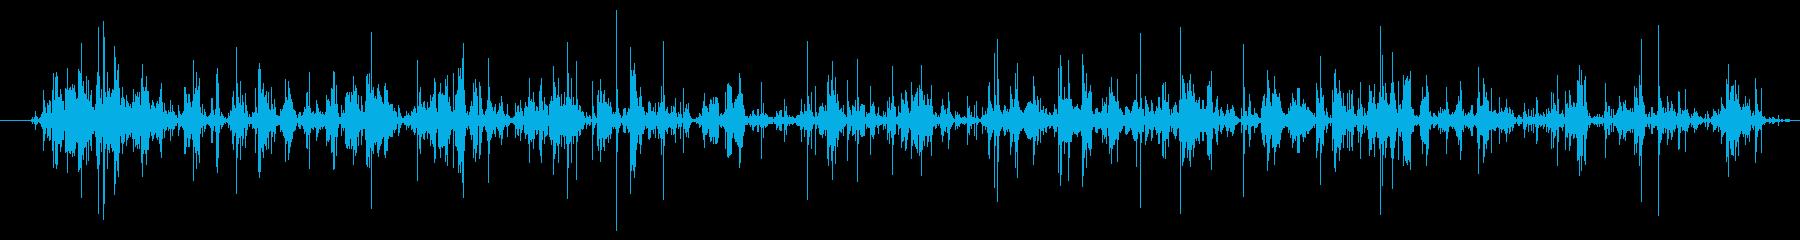 キー キーホルダー大ガラガラエアシ...の再生済みの波形